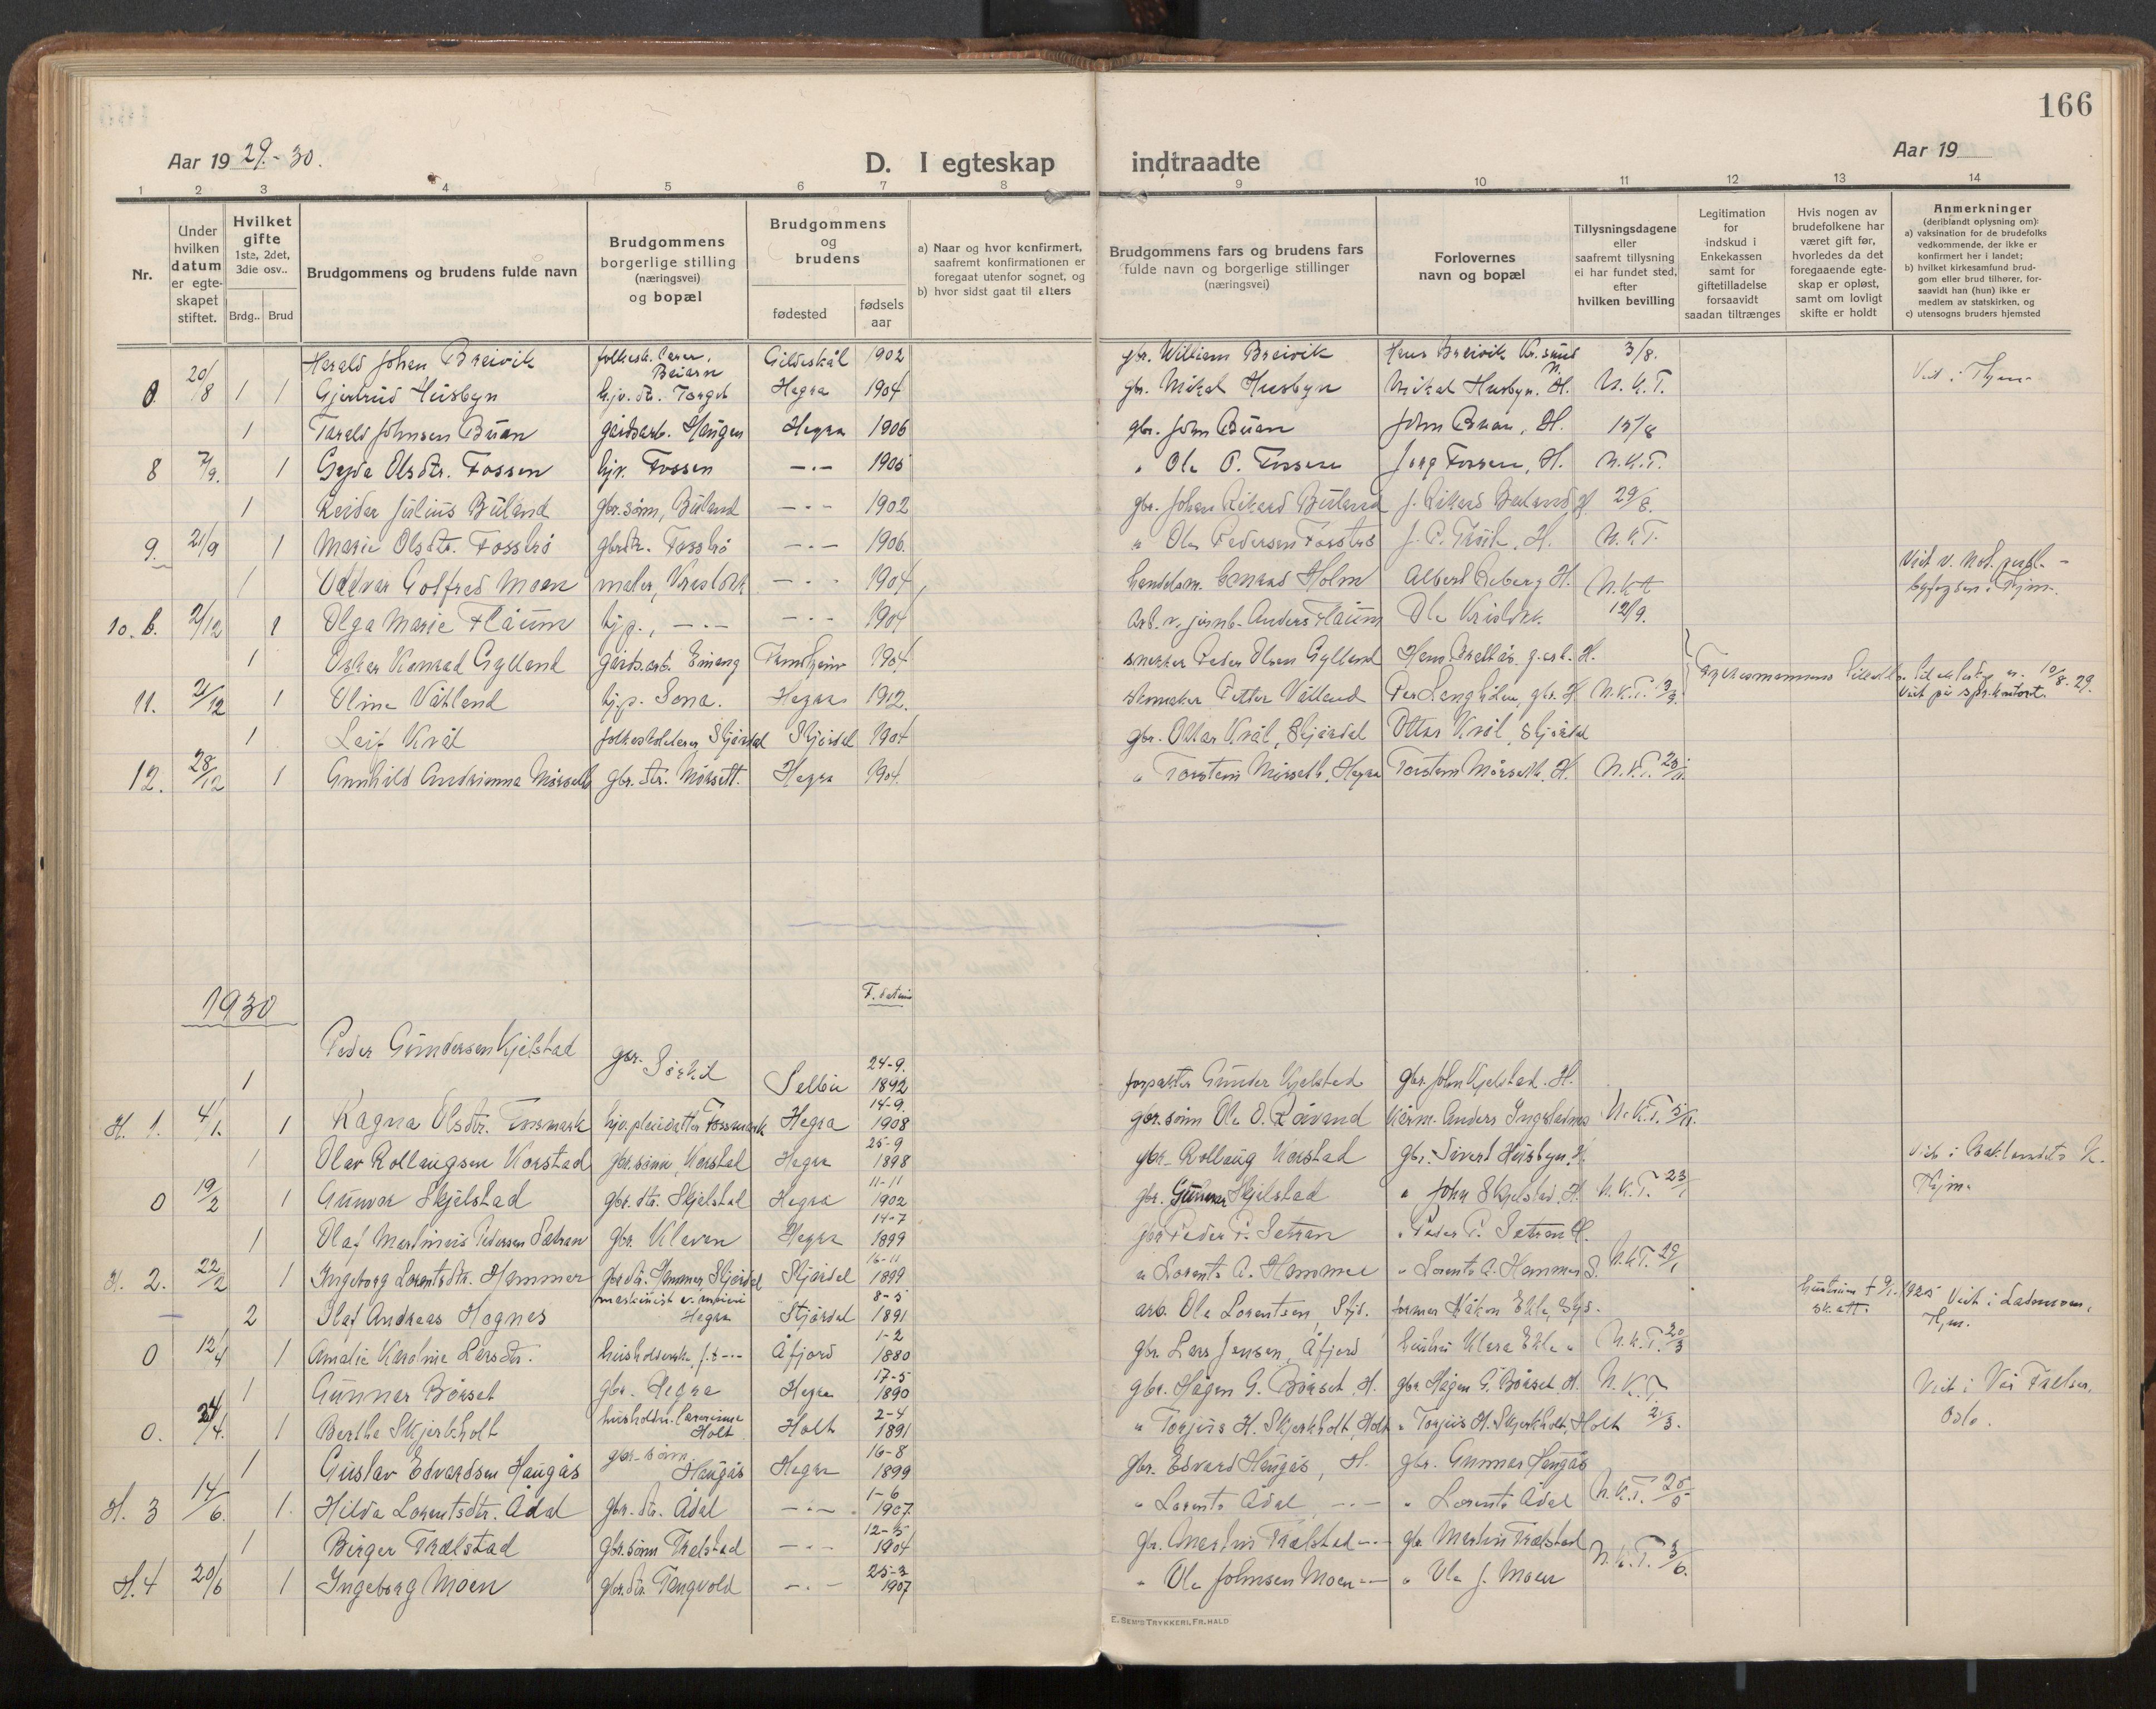 SAT, Ministerialprotokoller, klokkerbøker og fødselsregistre - Nord-Trøndelag, 703/L0037: Parish register (official) no. 703A10, 1915-1932, p. 166